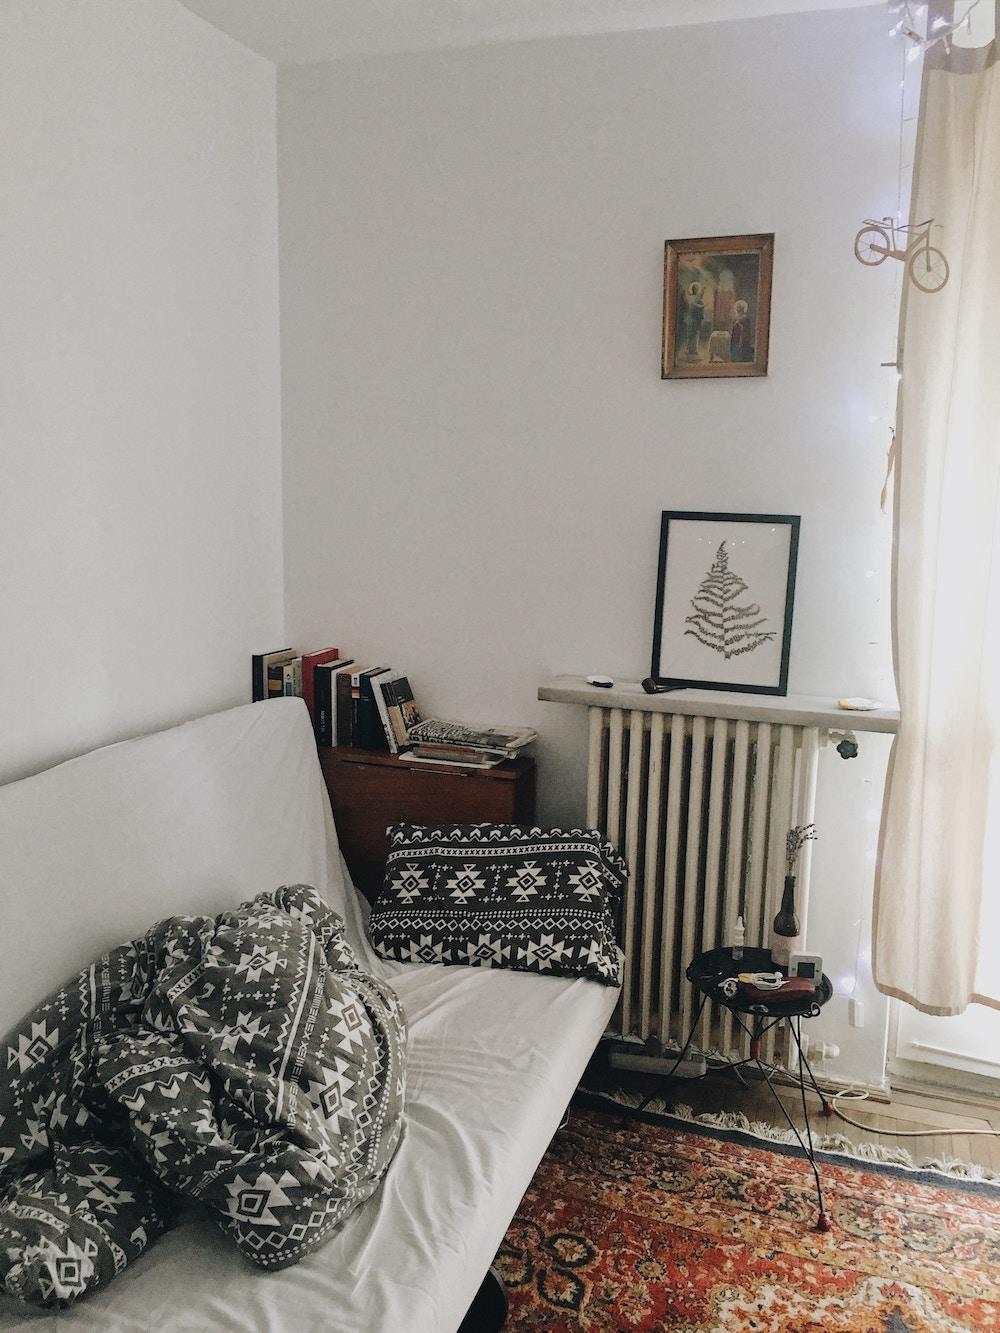 futon in trendy apartment